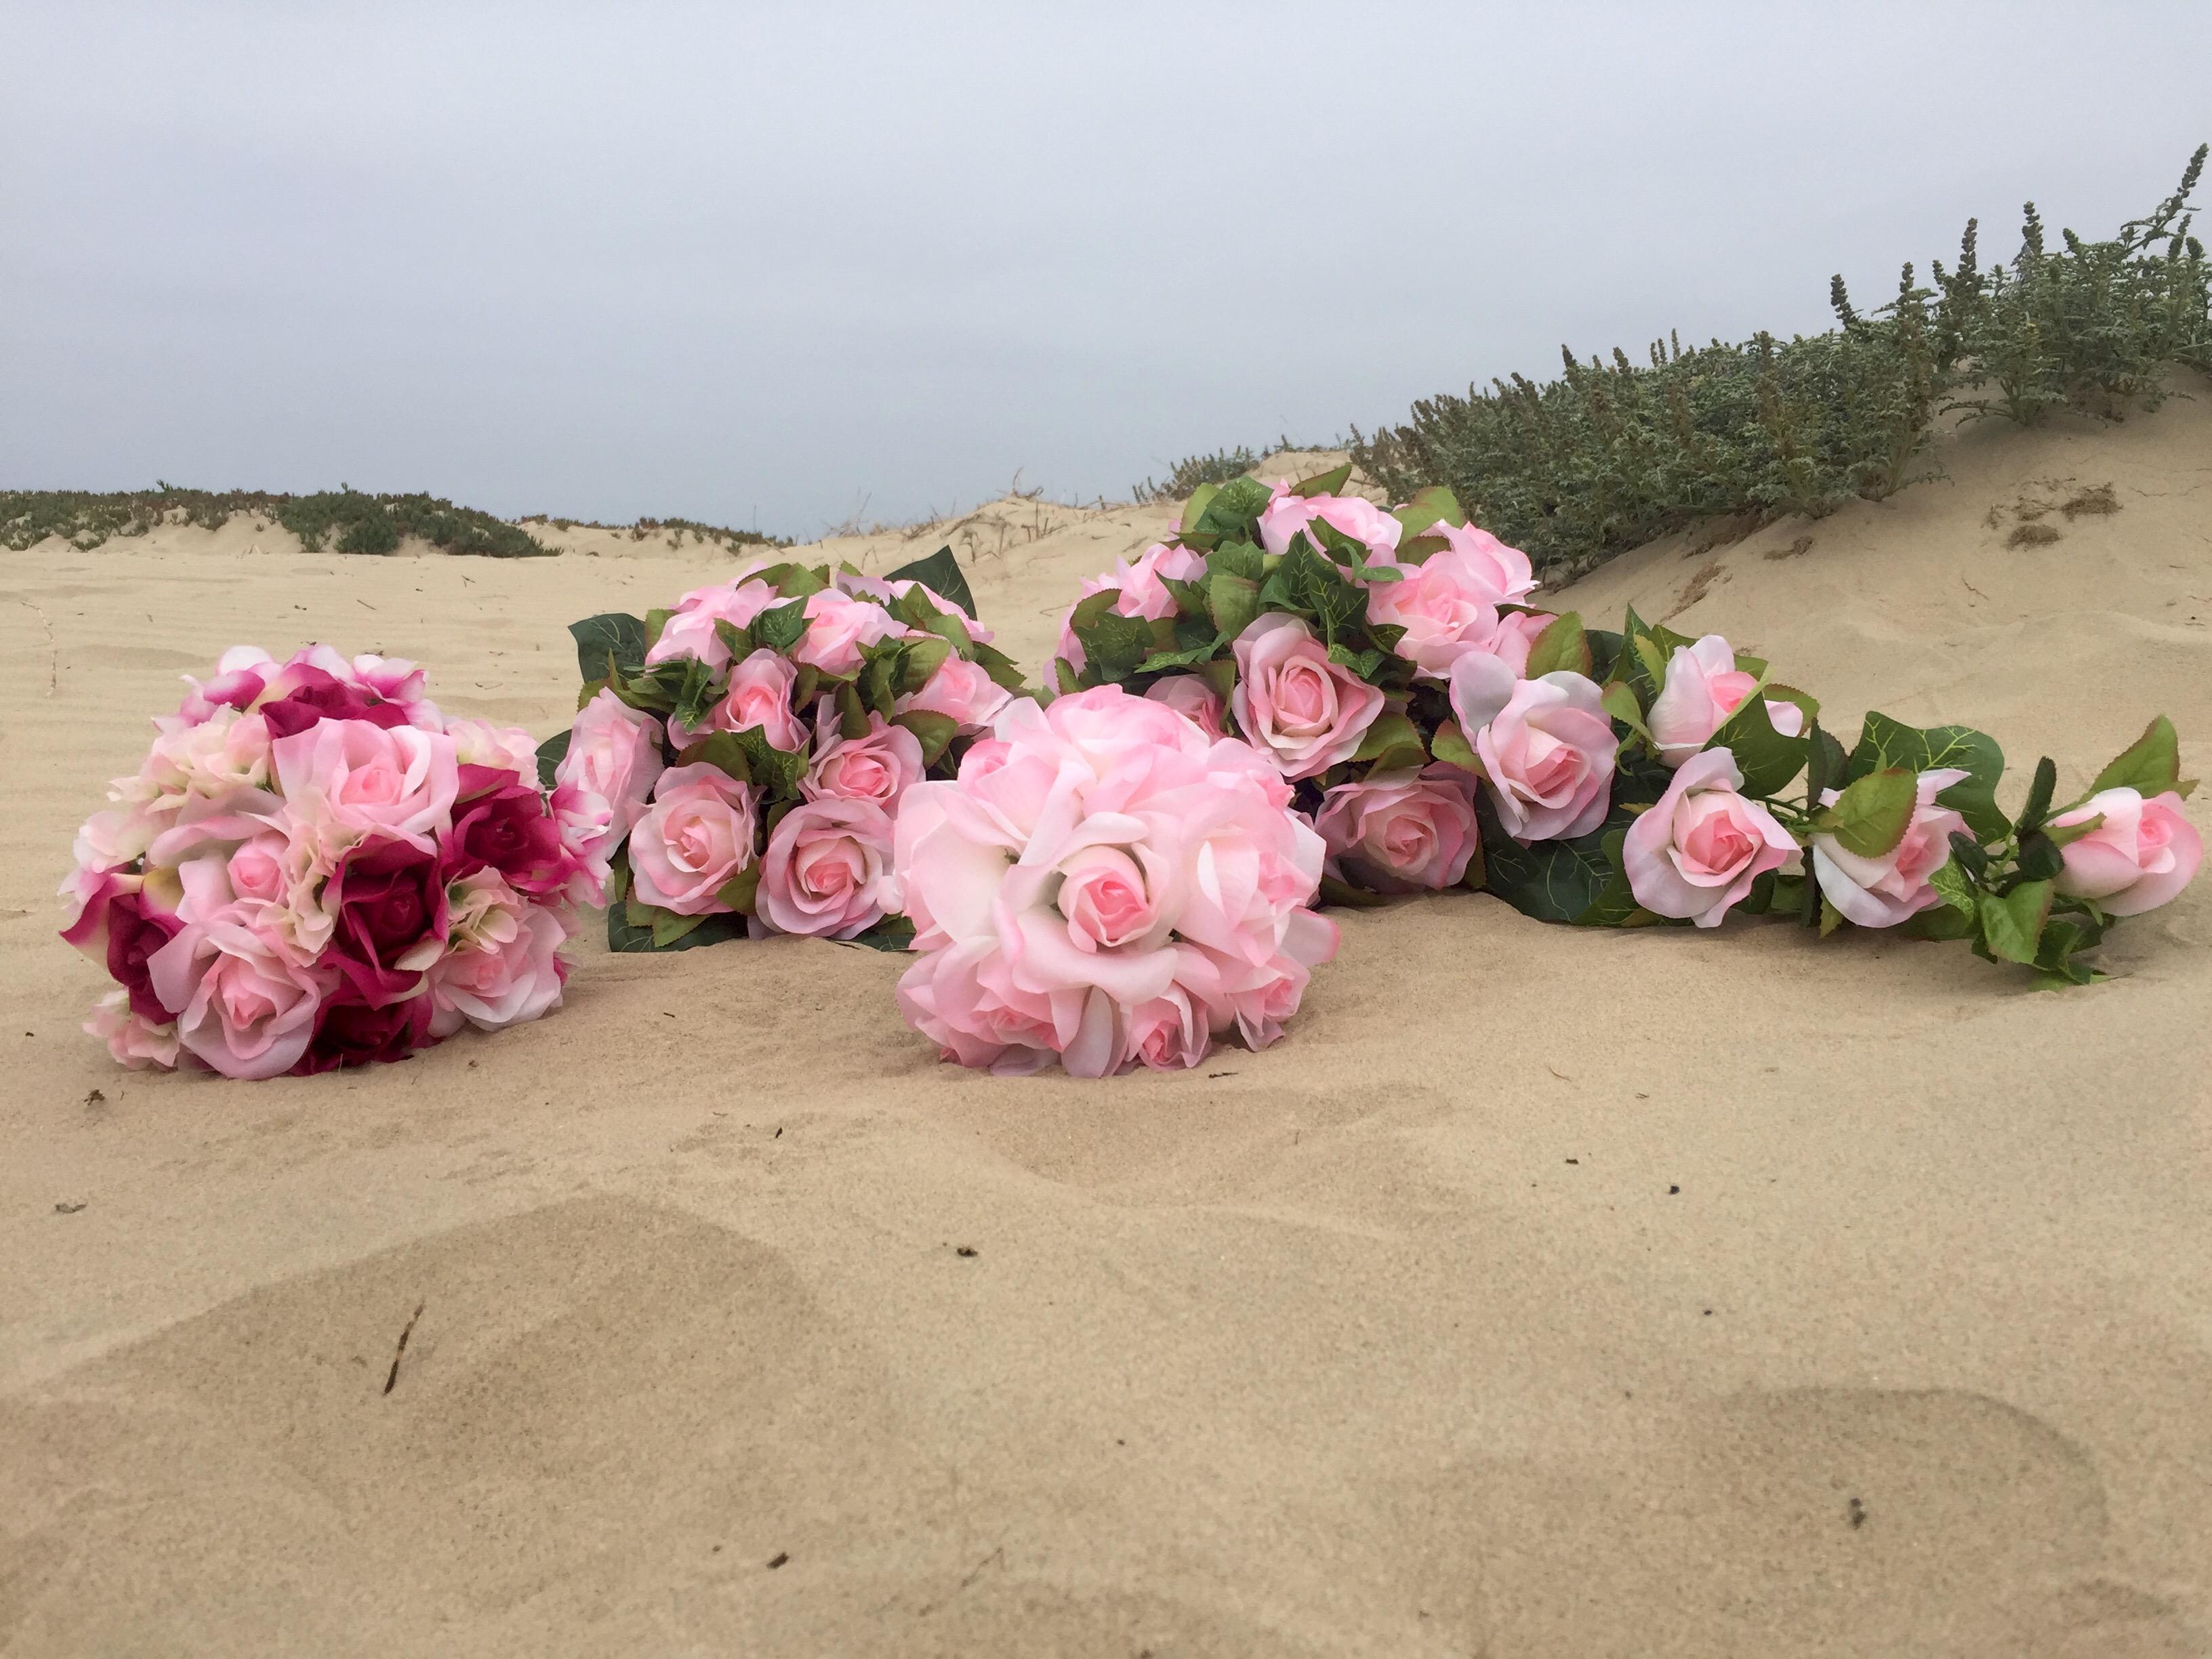 Summer Beach Wedding Flower Ideas - TheBridesBouquet.com